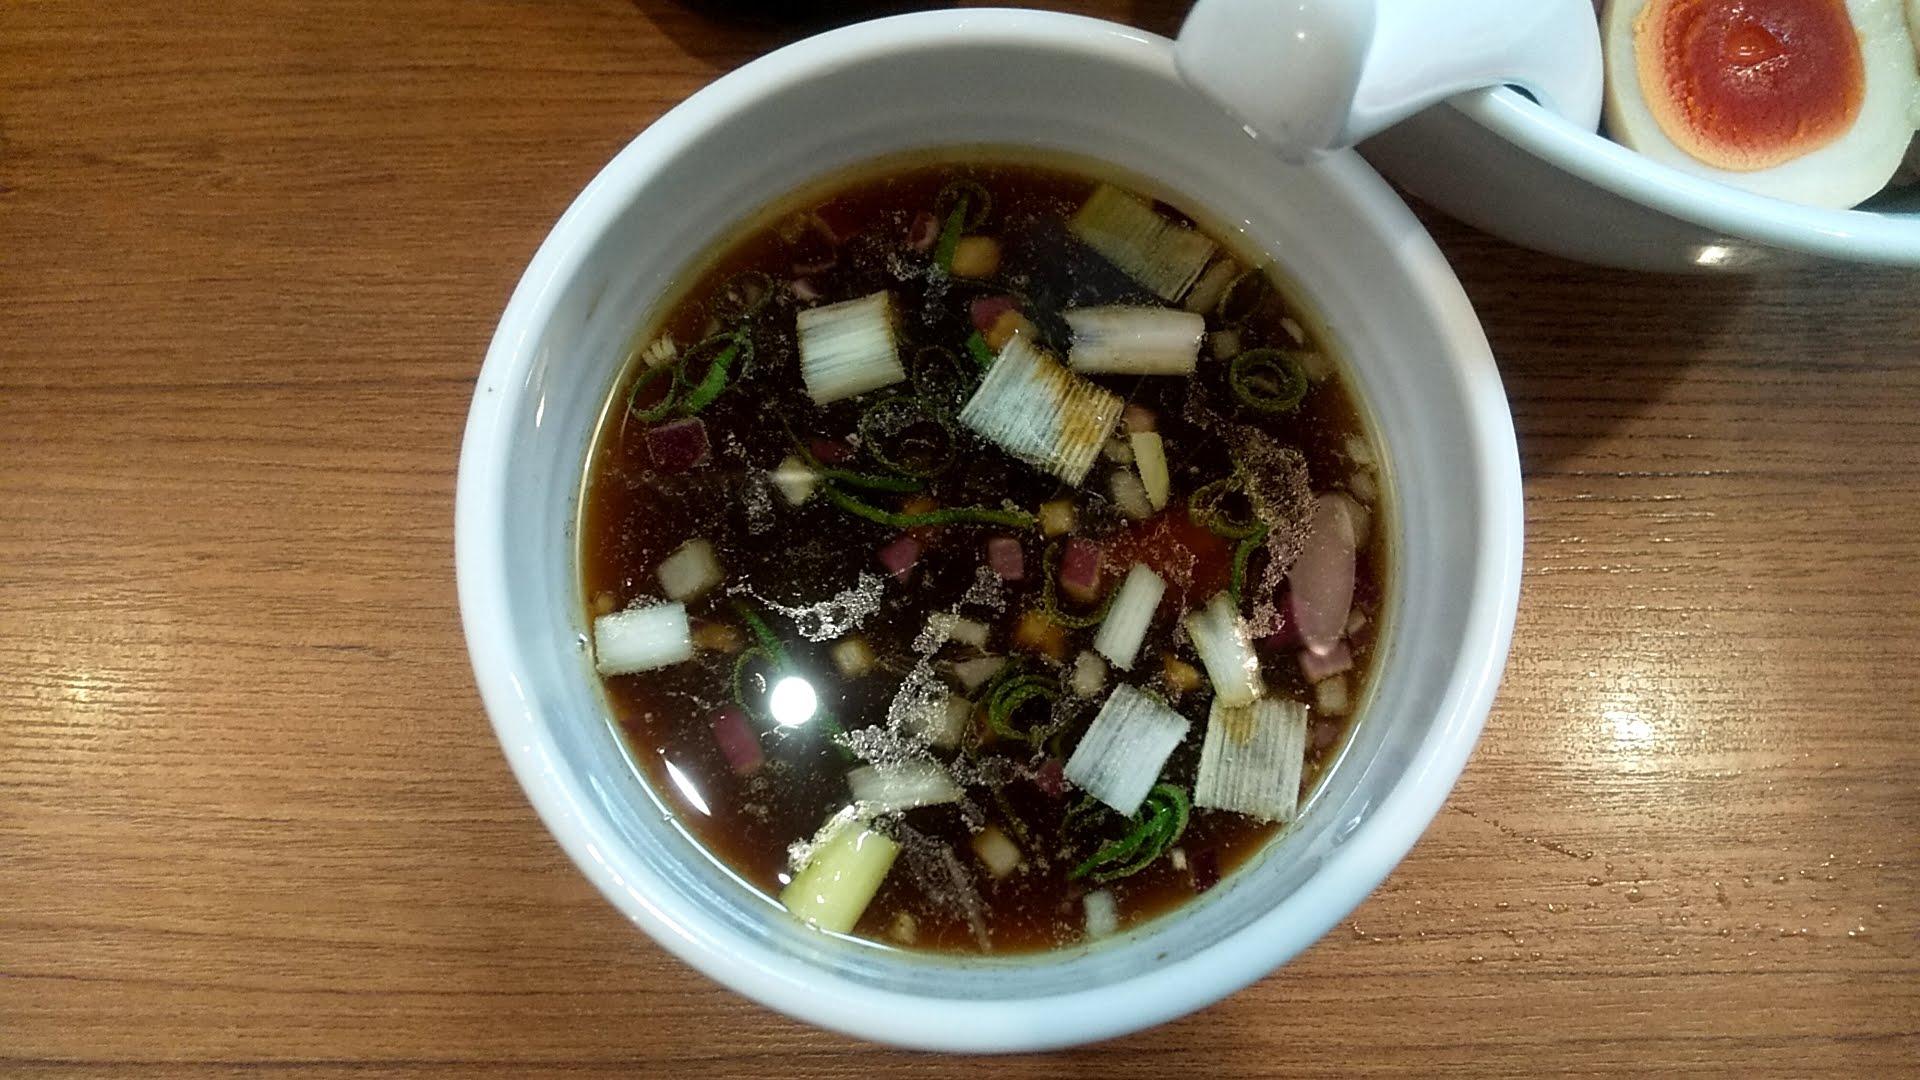 鶏そば煮干そば花山の特製つけ麺のつけ汁の写真